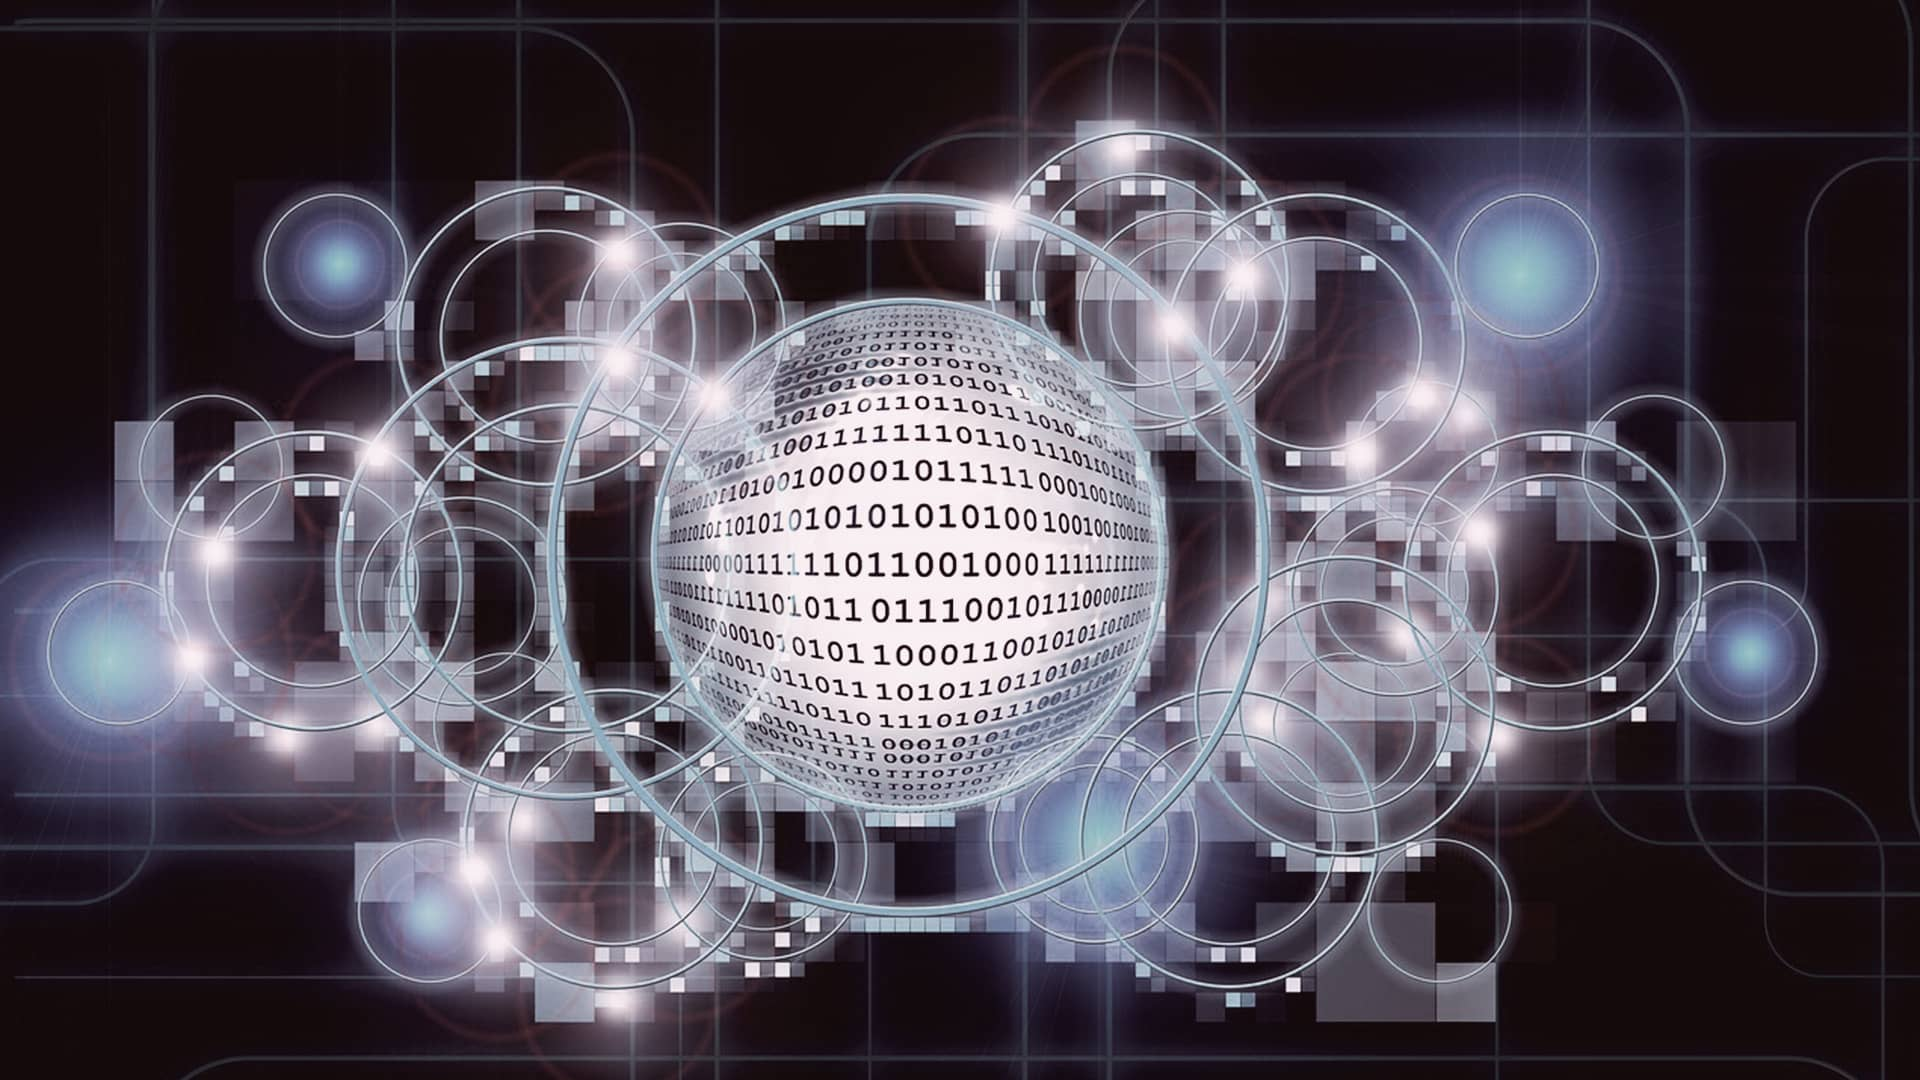 Aprobado el Real Decreto Ley para la transposición de la Directiva Europea sobre Ciberseguridad